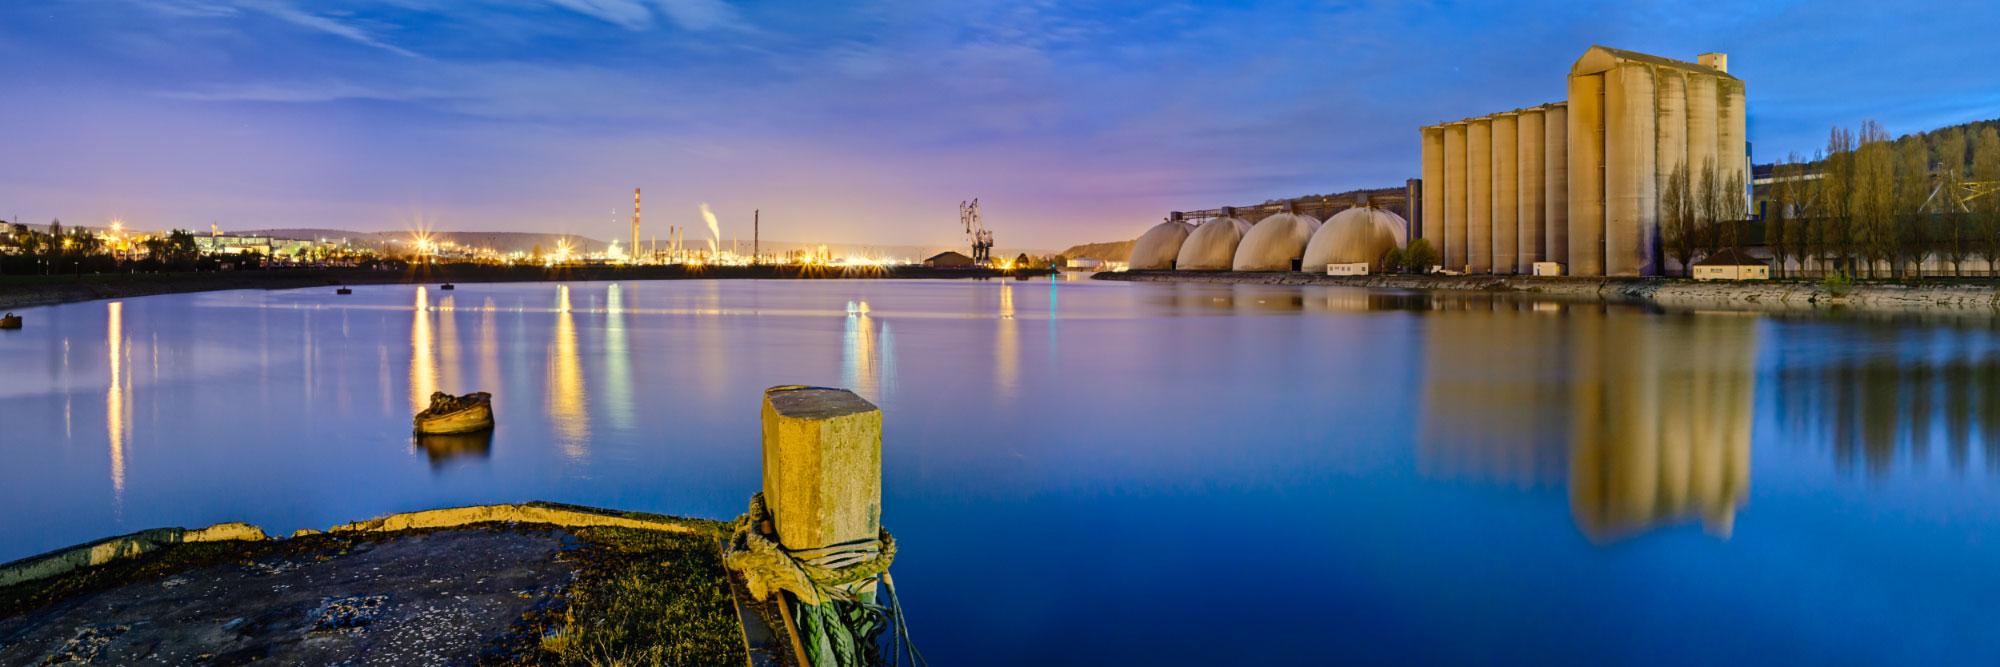 Môle de la Darse des Docks, Petit-Couronne, ZI de Rouen